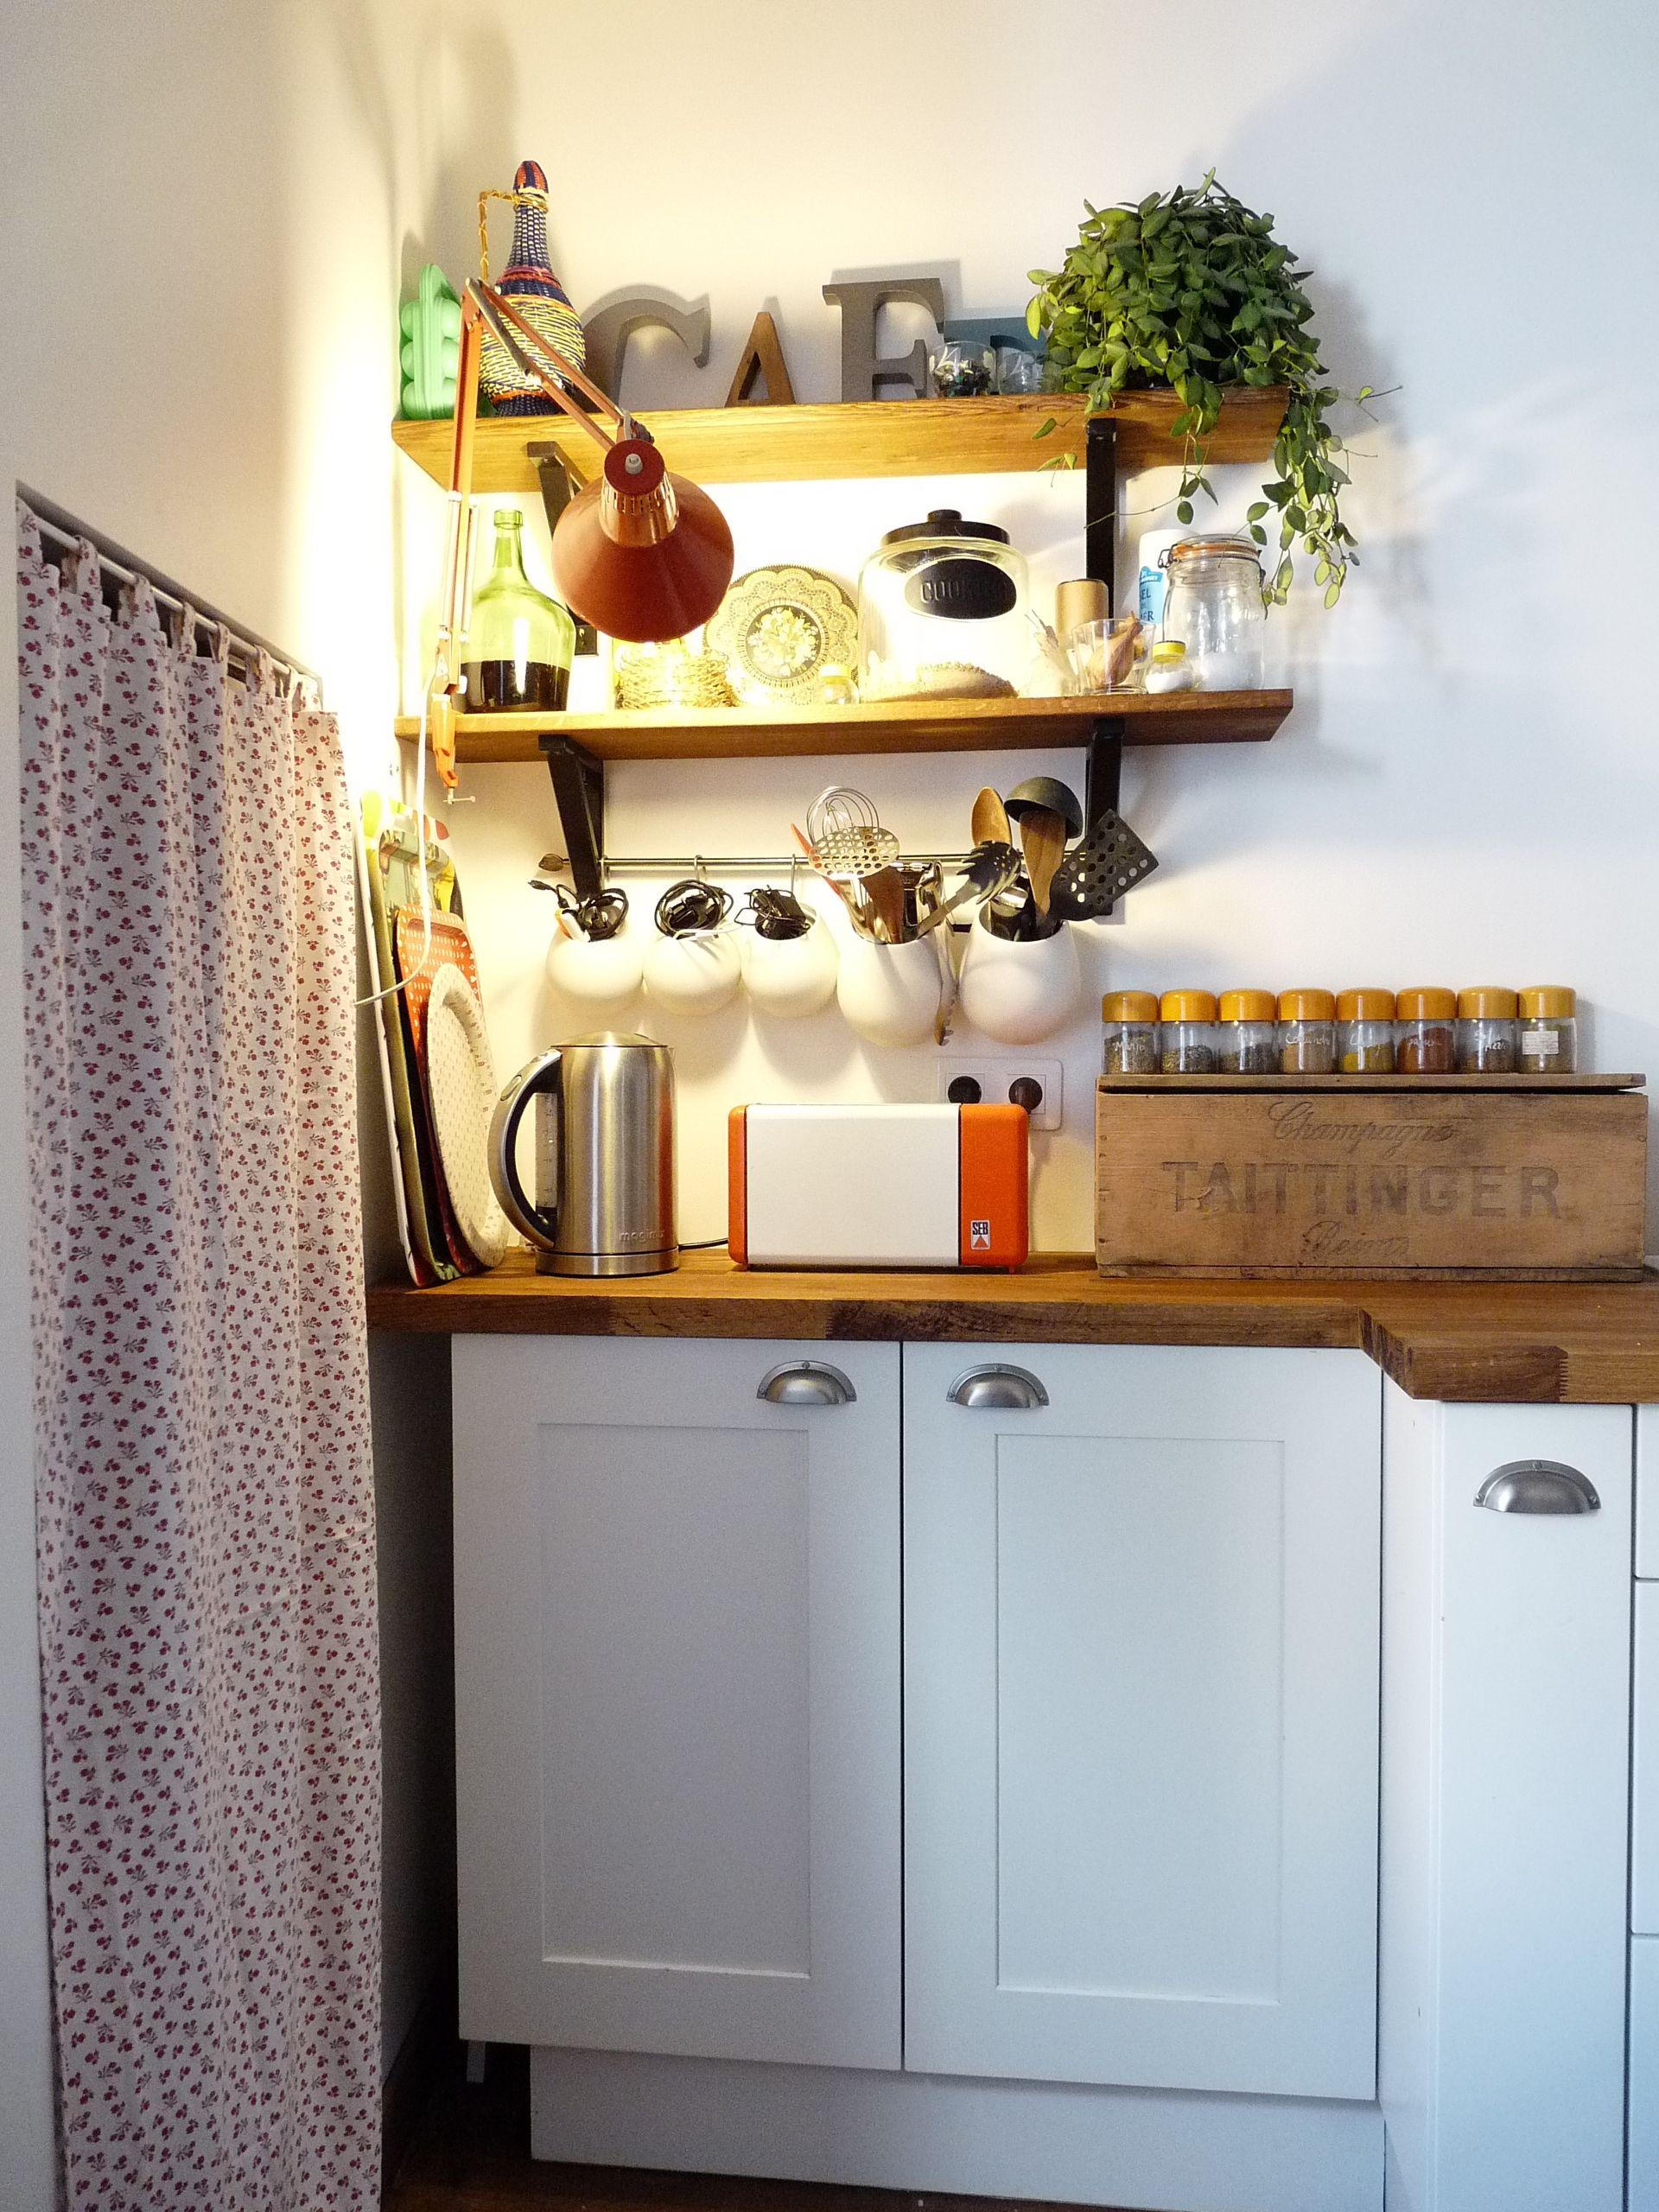 pingl par agence capetcimepr sur fou de cuisines pinterest cuisinella tag res en bois. Black Bedroom Furniture Sets. Home Design Ideas